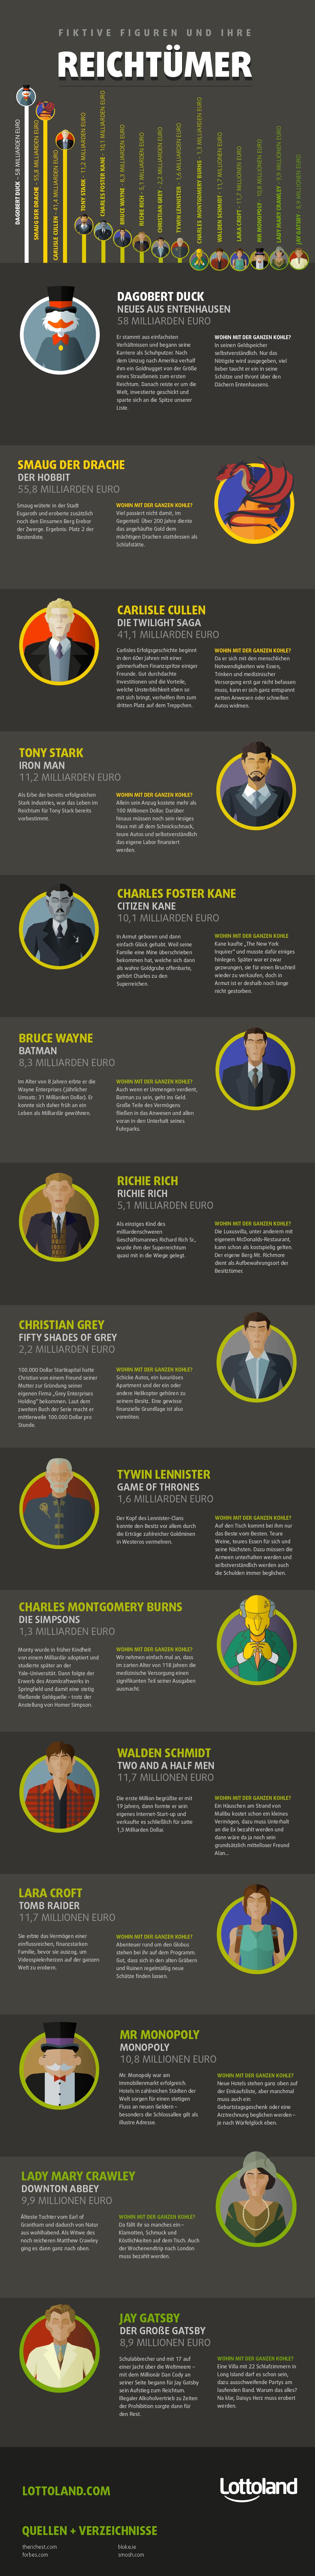 Die reichsten Figuren aus Film und Fernsehen